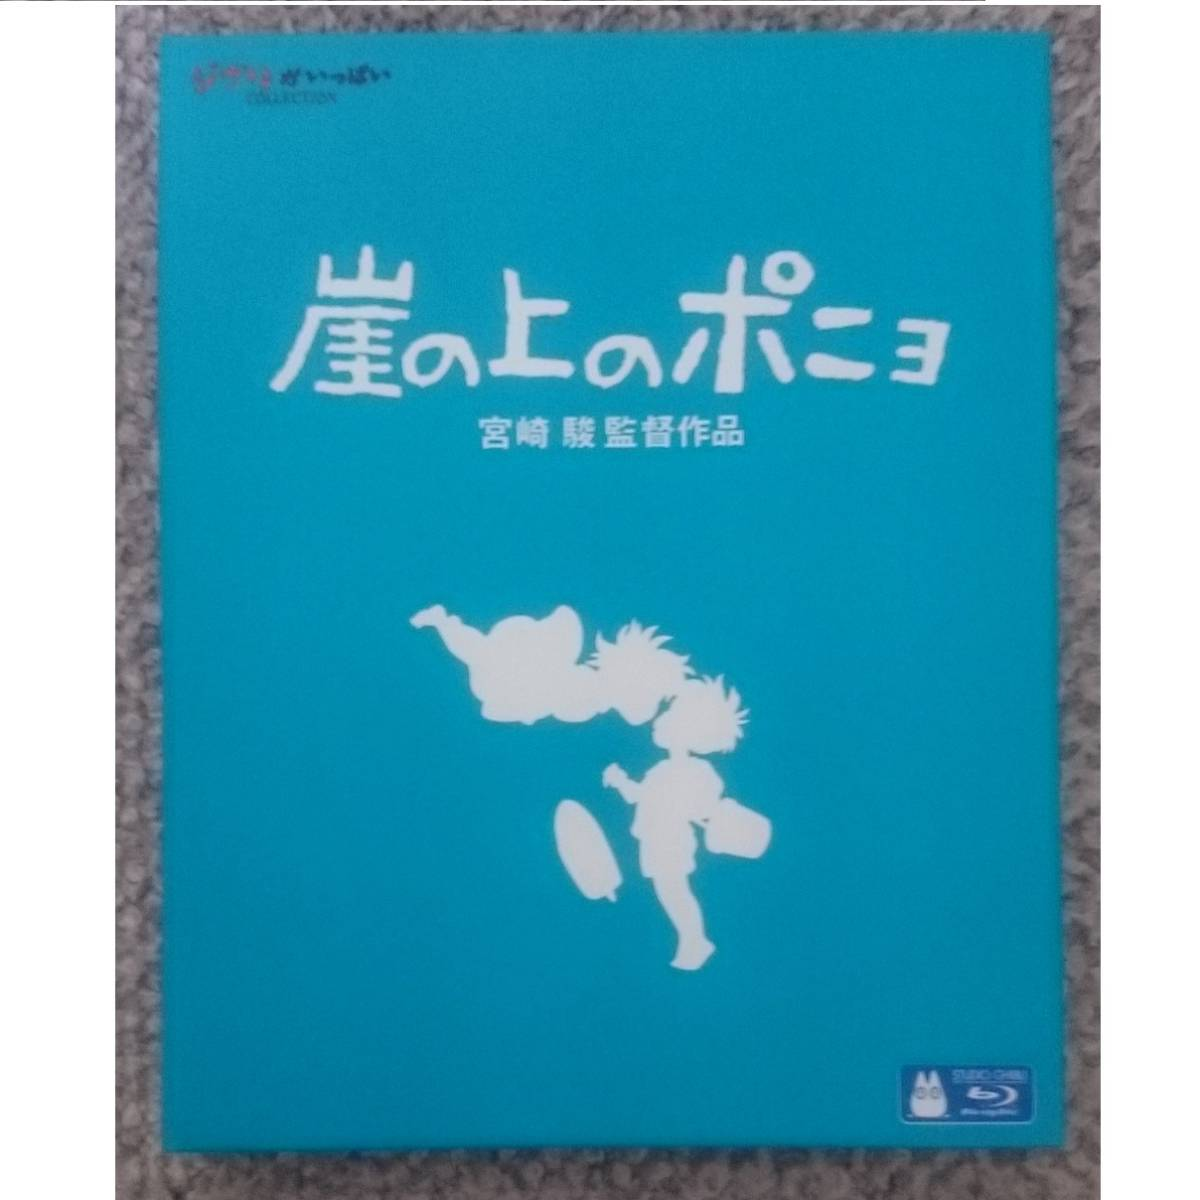 KF  ジブリ  崖の上のポニョ  ブルーレイ Blu-ray